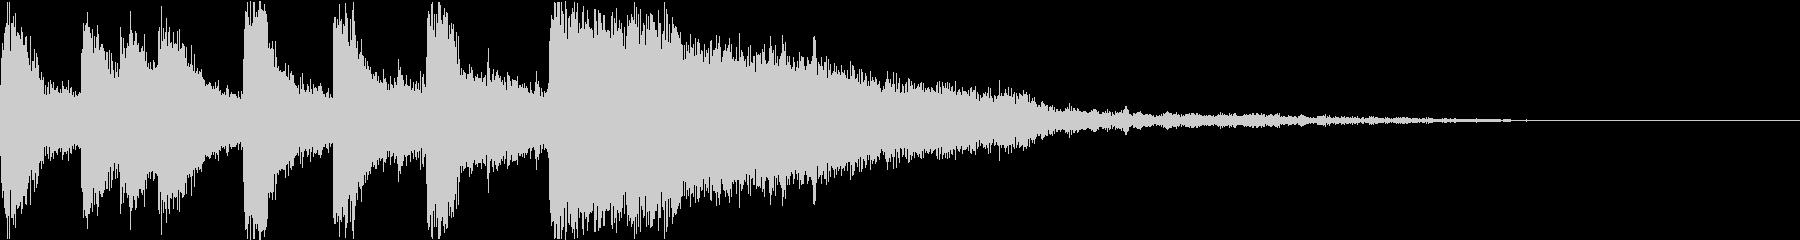 ファンファーレ 当たり 正解 合格 15の未再生の波形